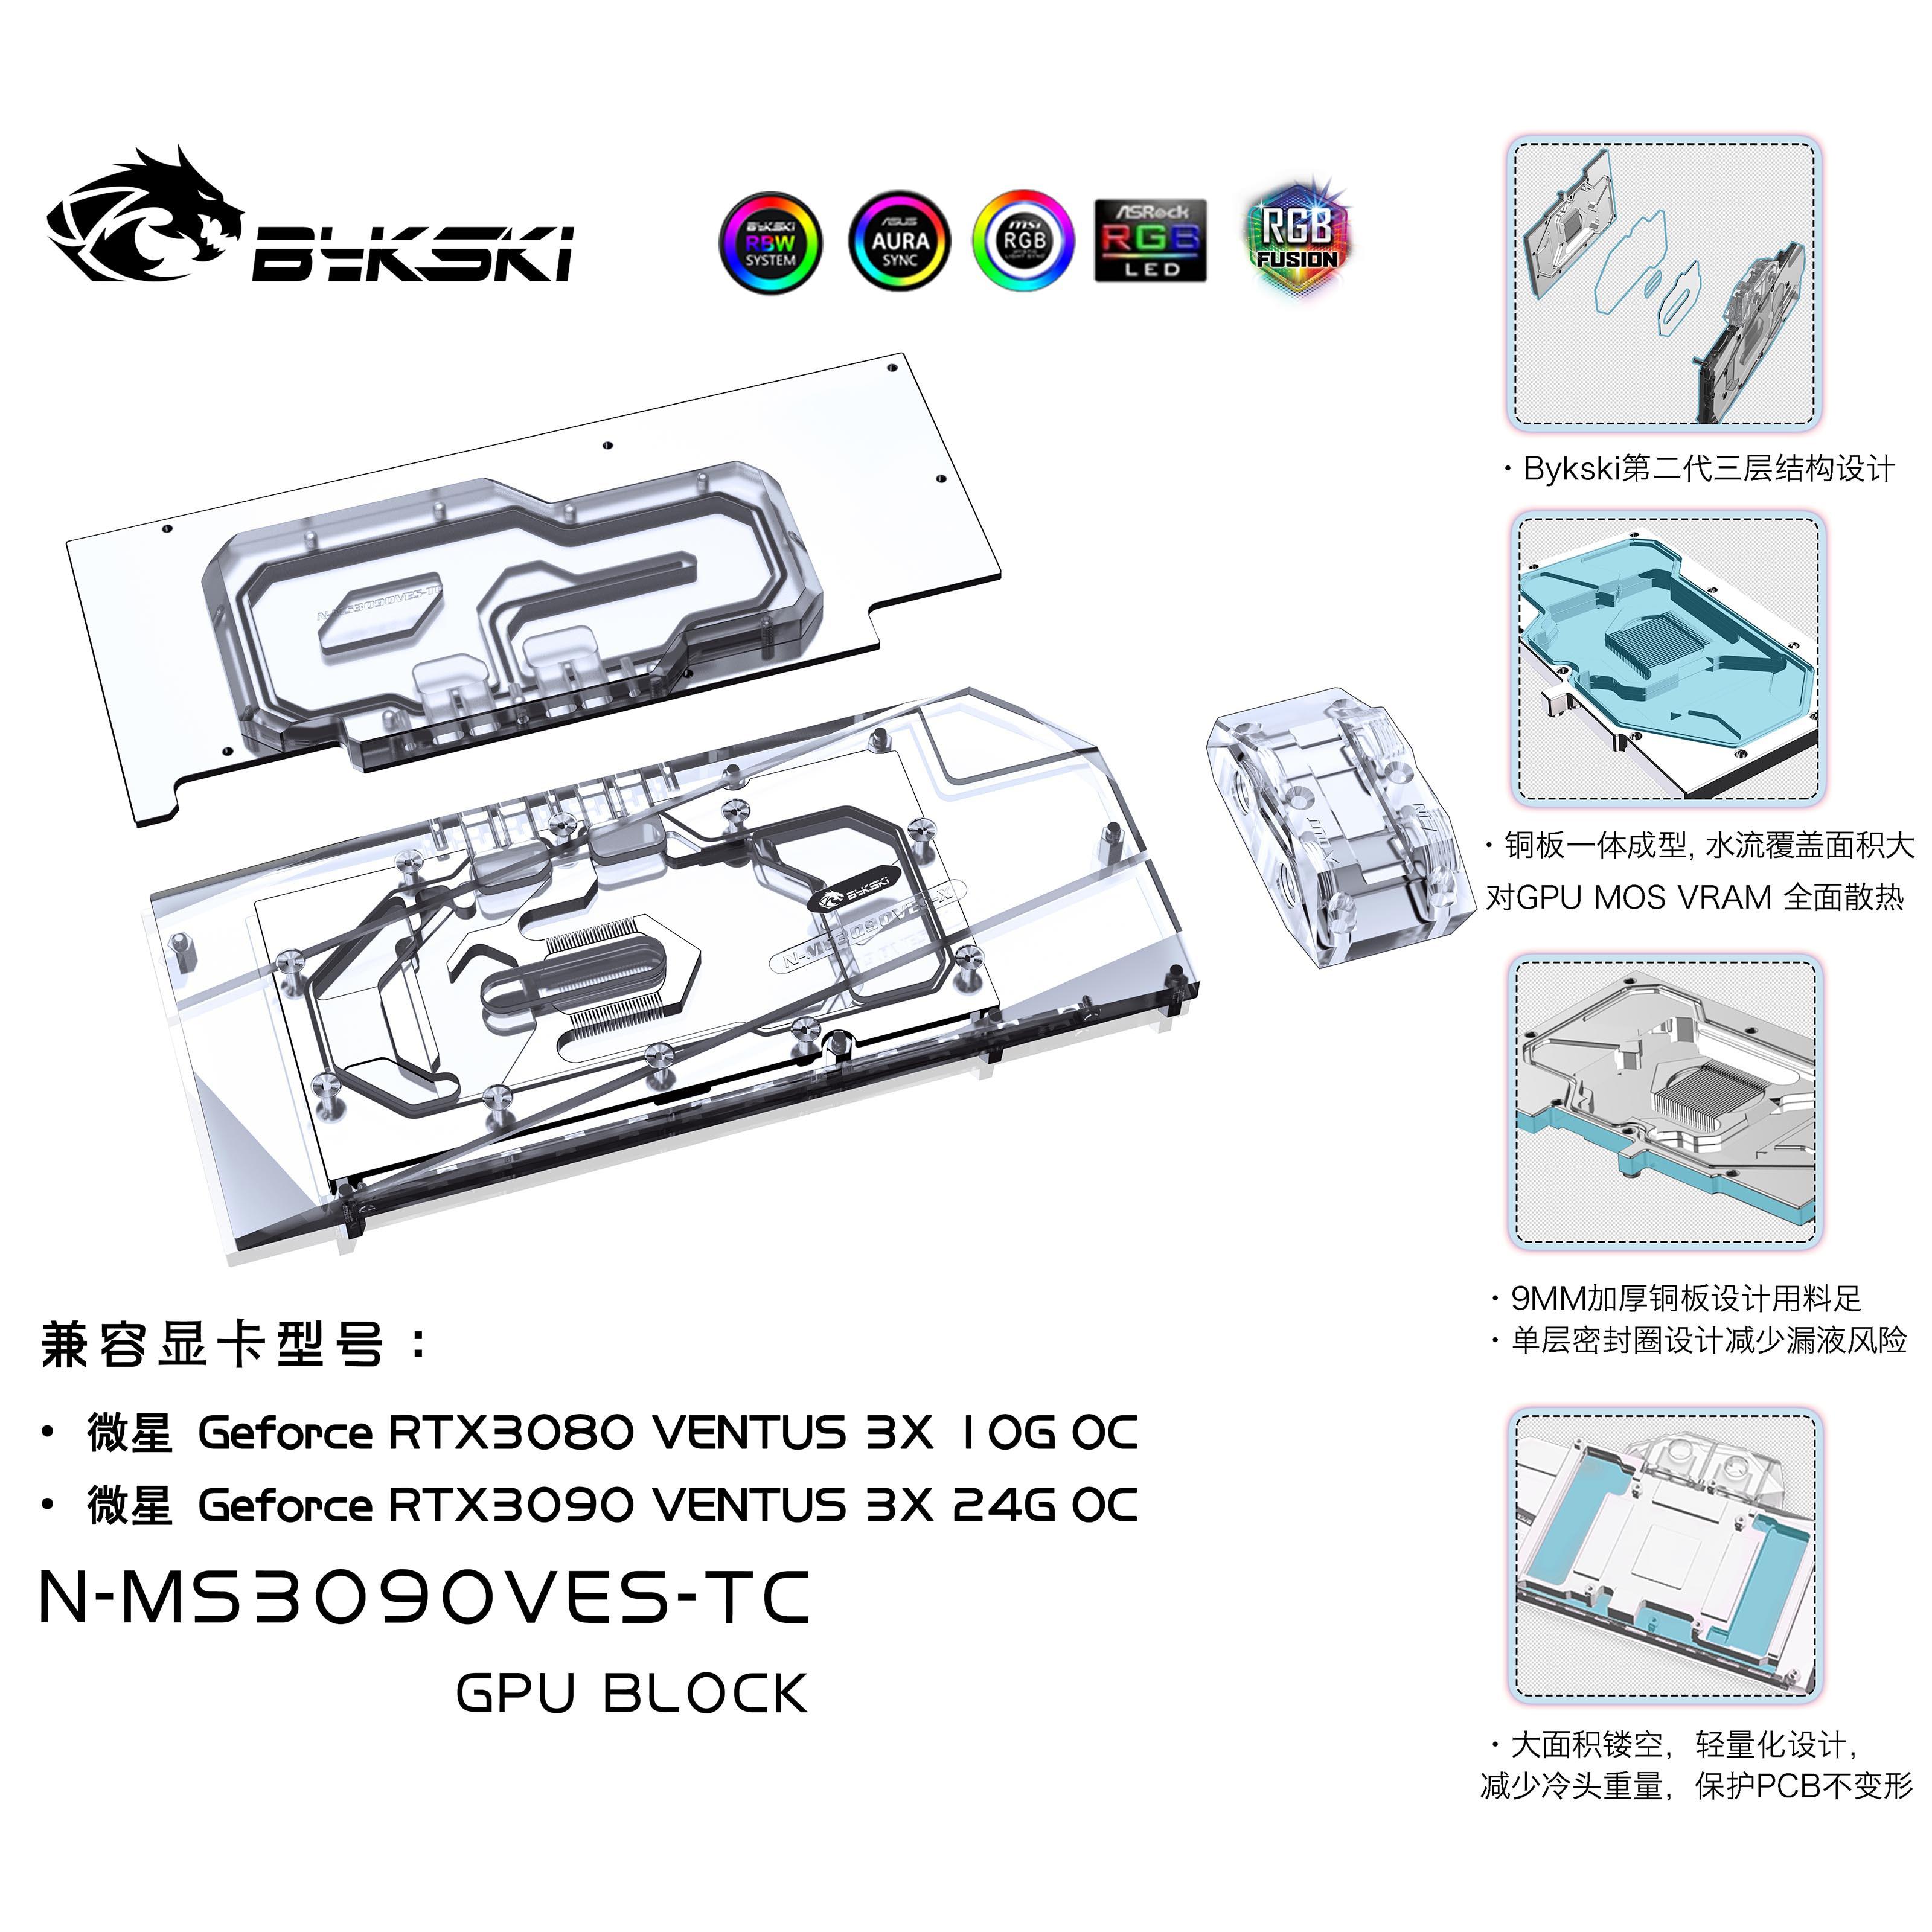 تستخدم كتلة الماء من Bykski لـ MSI RTX3090 VENTU 3X 24G OC / RTX3080 VENTU 3X بطاقة وحدة معالجة الرسومات 10G/بطاقة الفيديو/كتلة النحاس المبرد